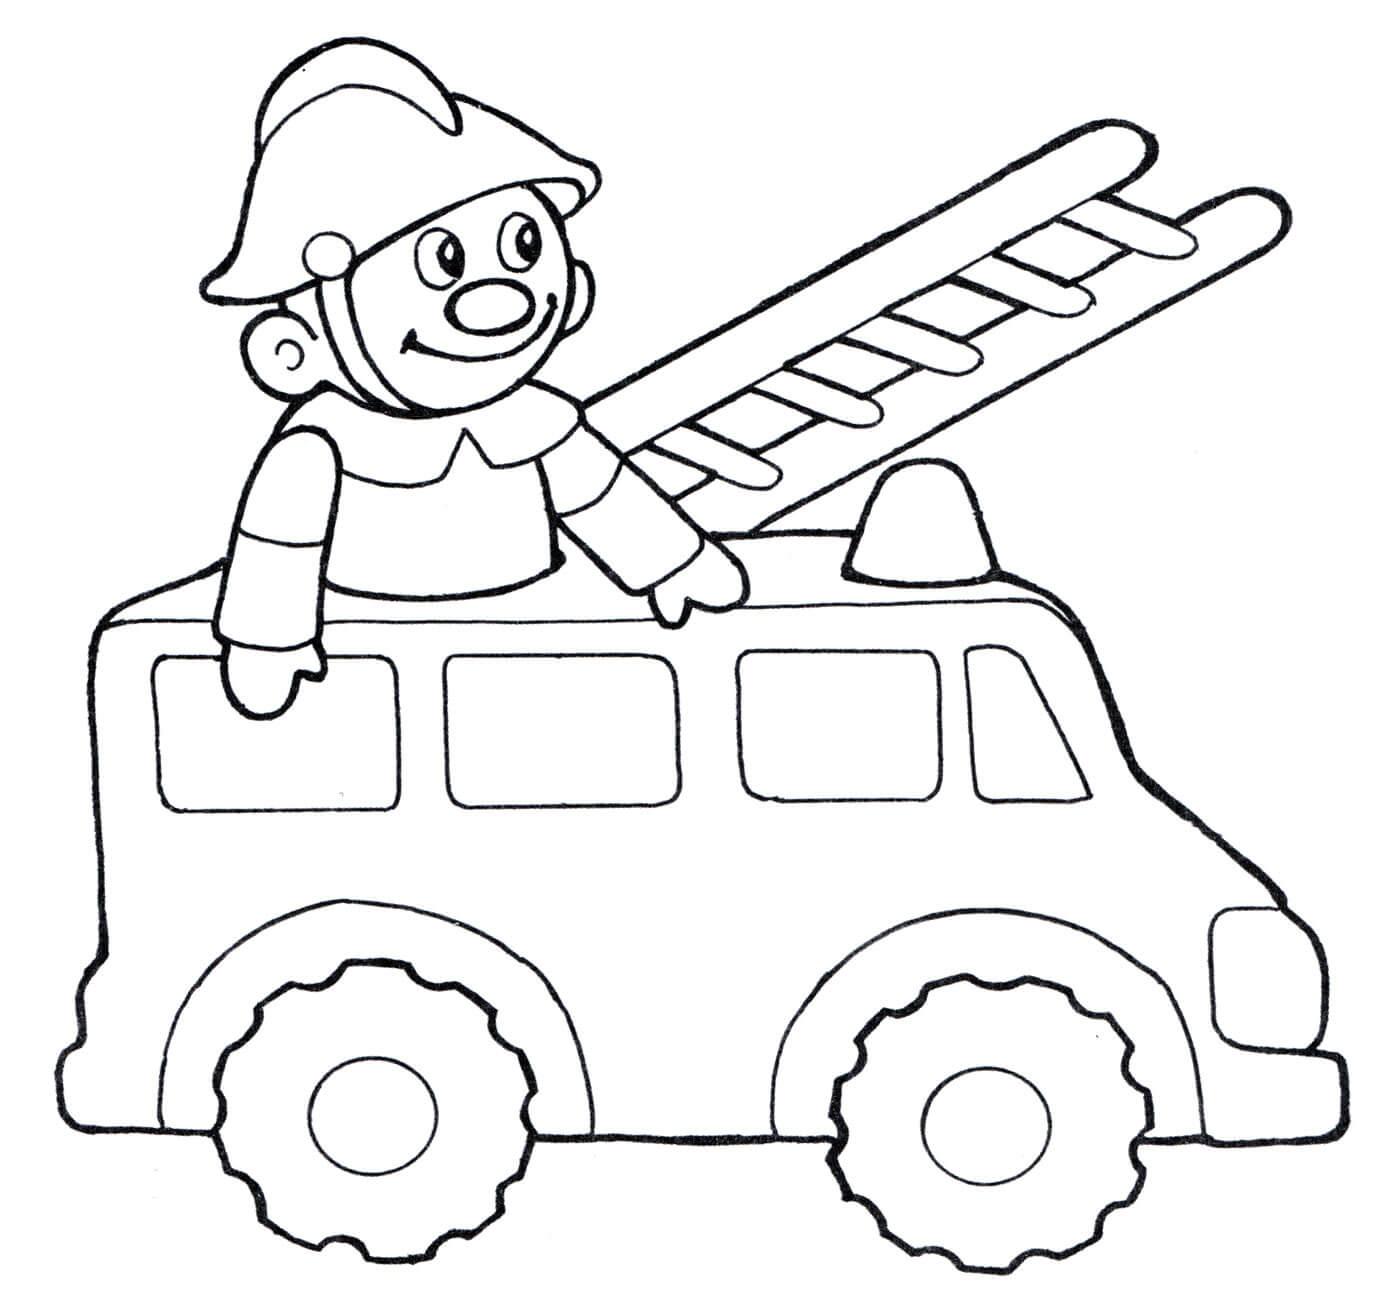 Раскраска Игрушечная пожарная машина